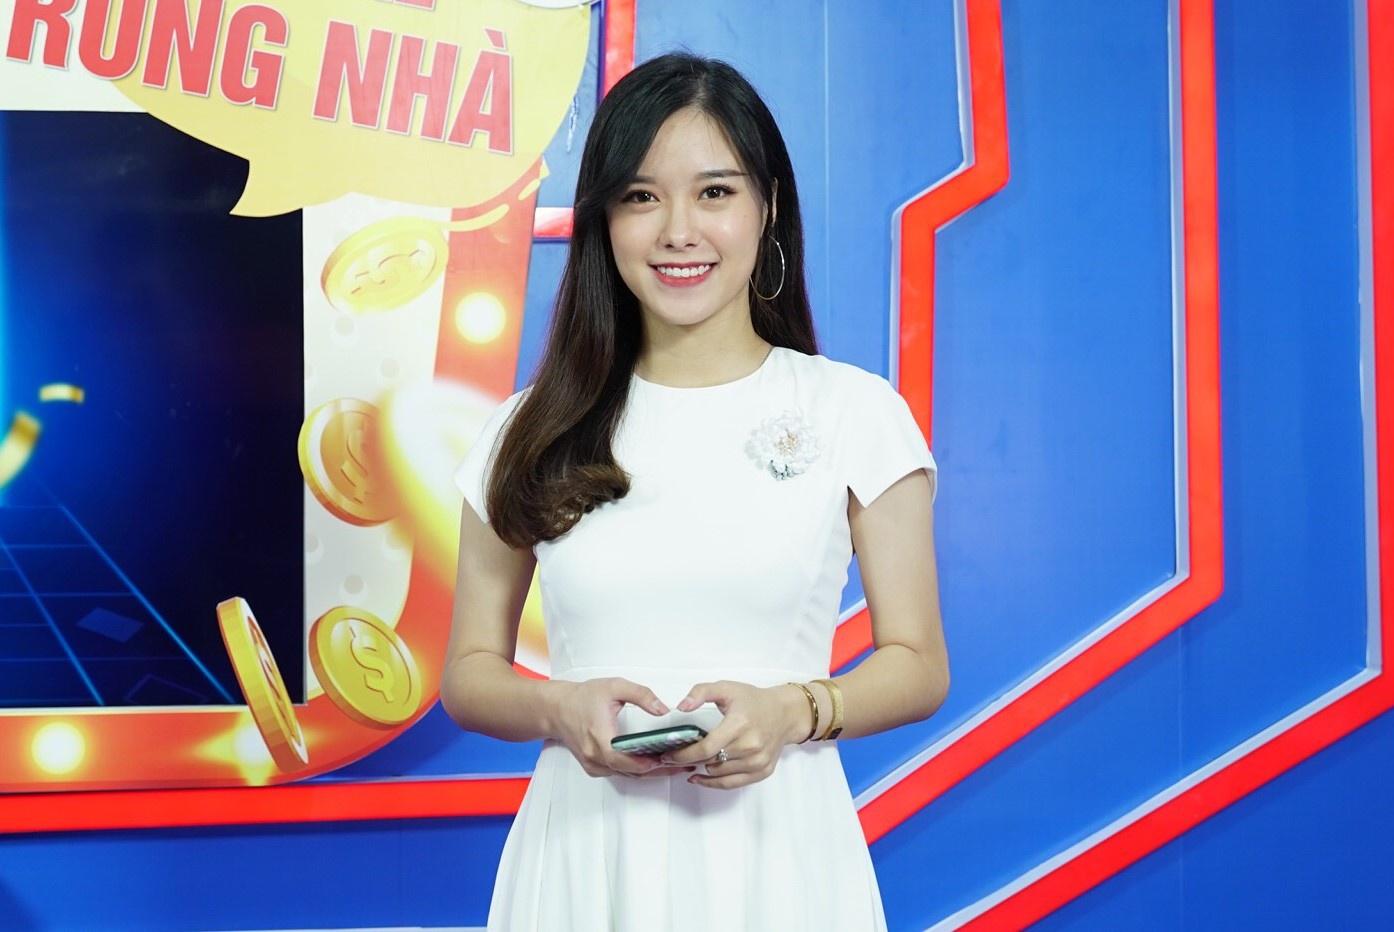 Chử Phương Thúy gắn bó với nghề MC truyền hình 7 năm nay.